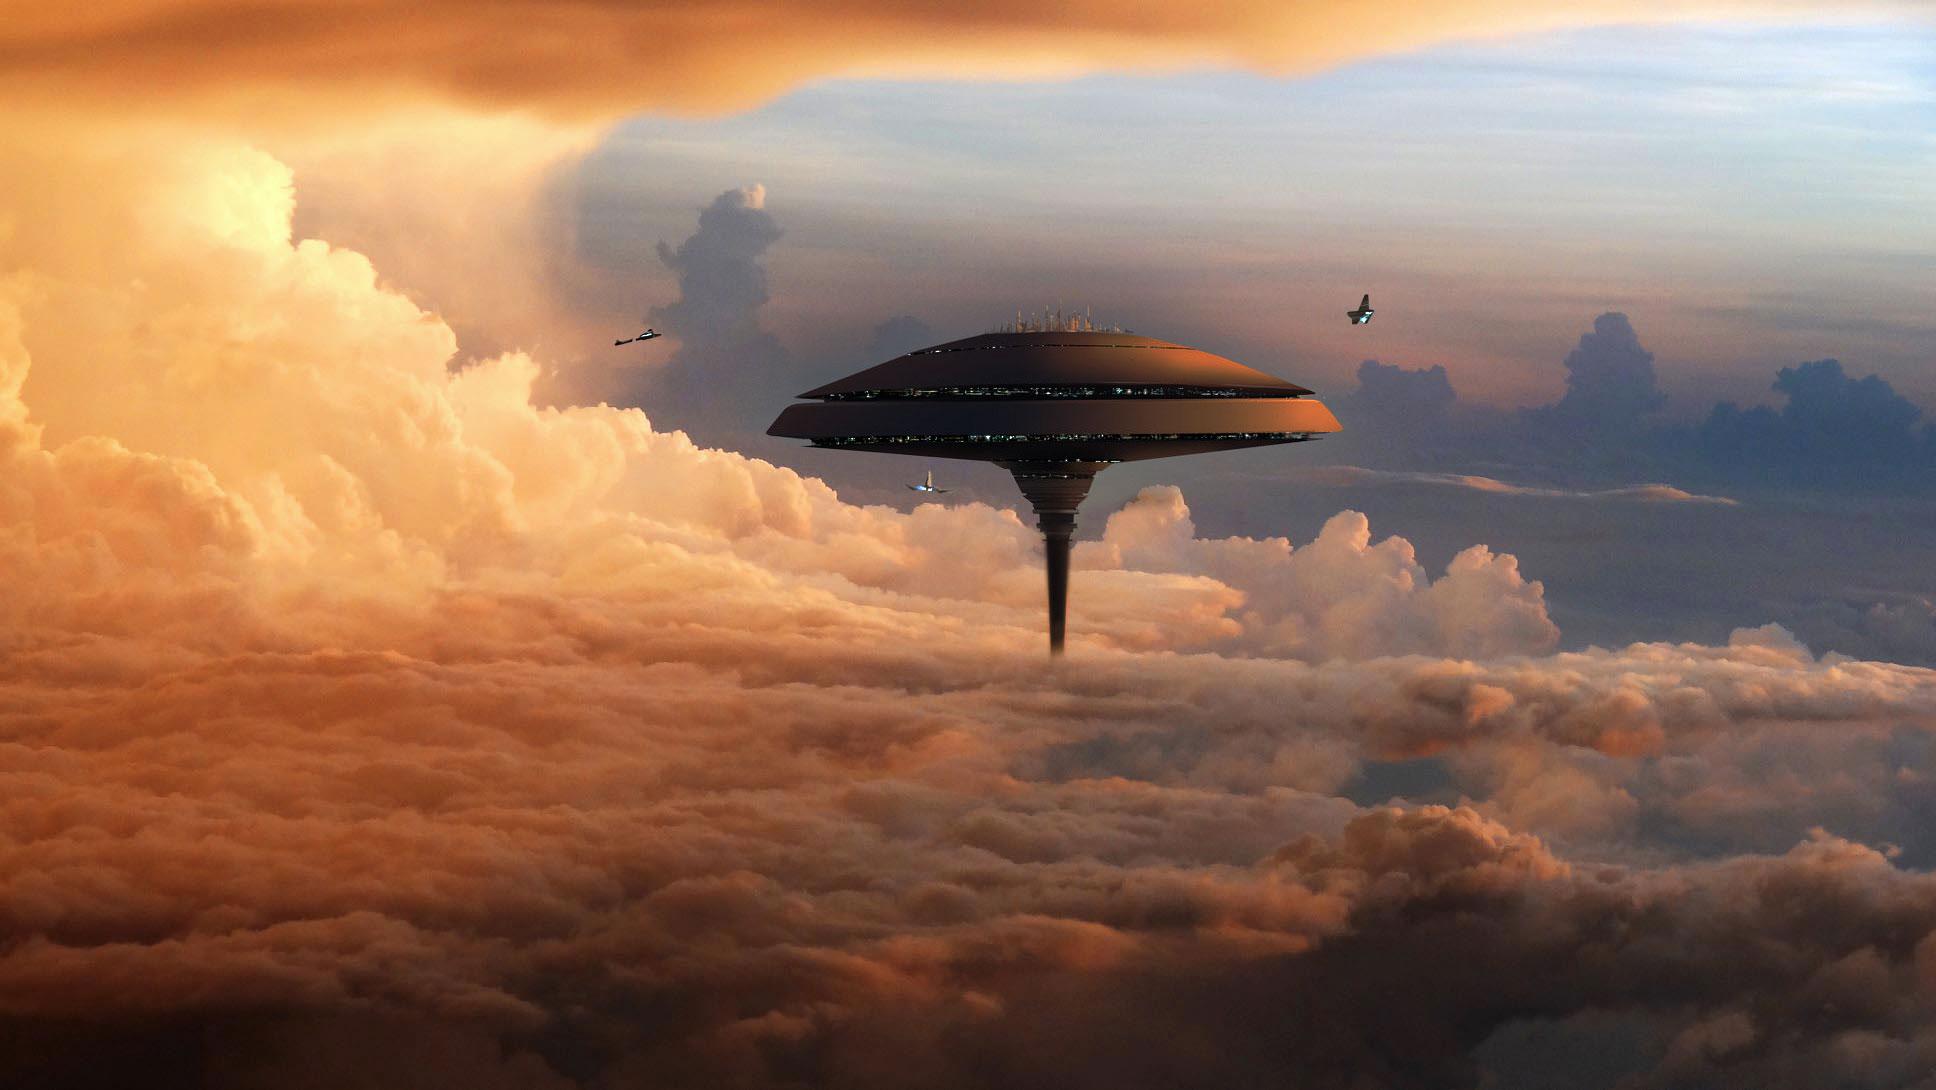 Podniebne miasta na Wenus czy drony na Tytanie. Jakie mamy plany na eksplorację kosmosu?